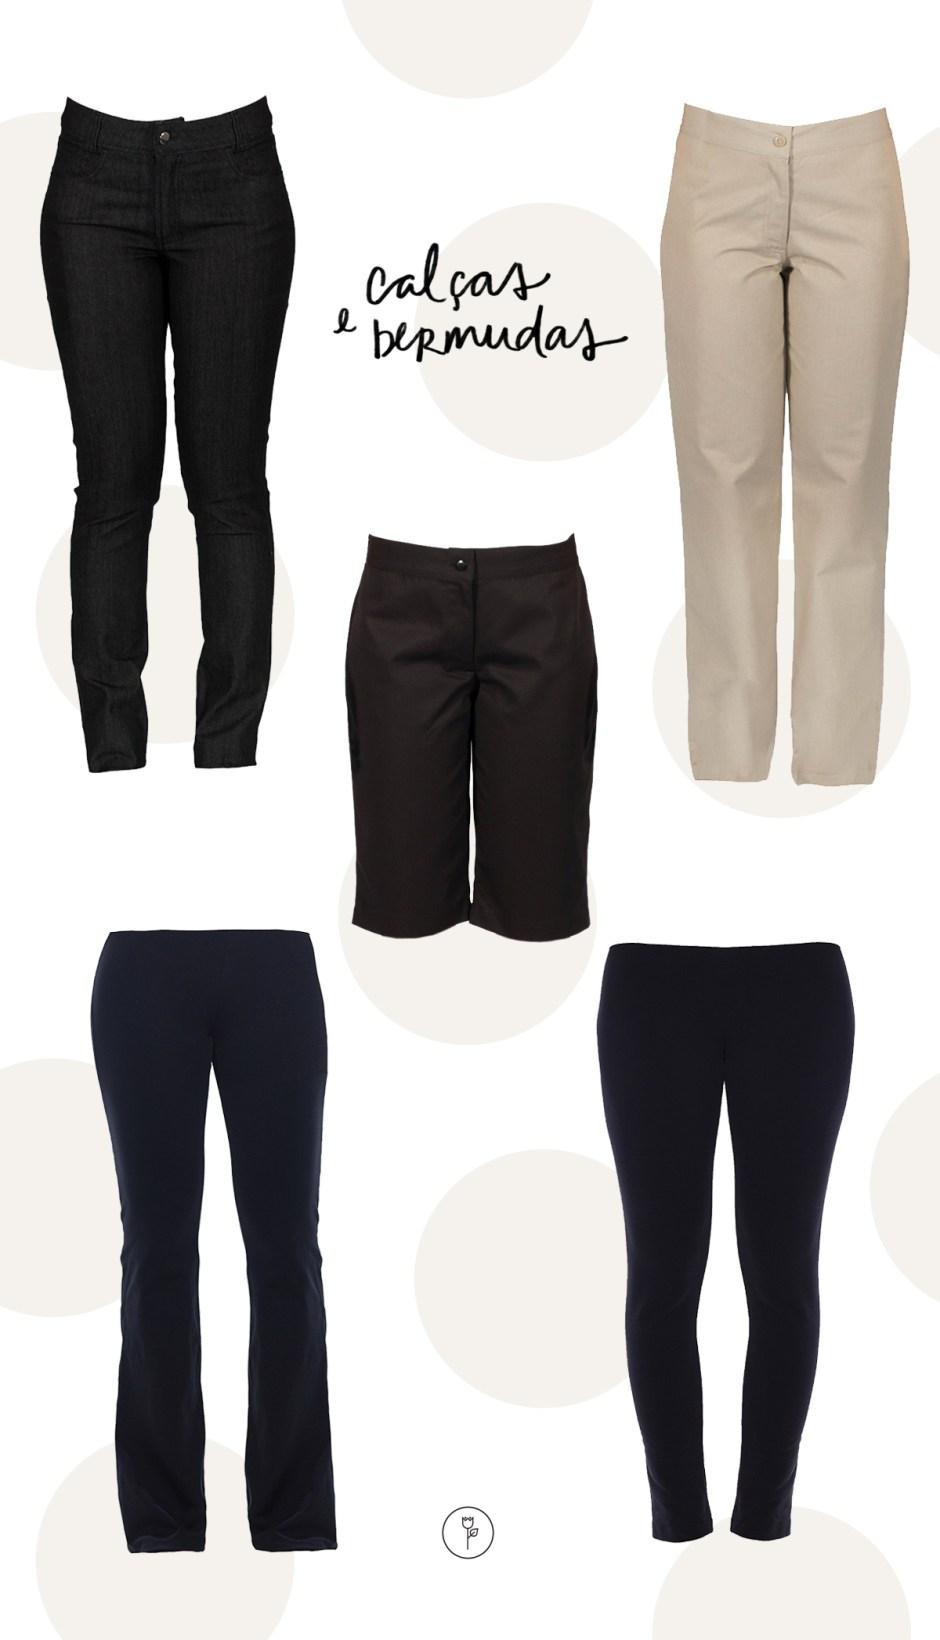 uniformes para casa calcas e bermudas